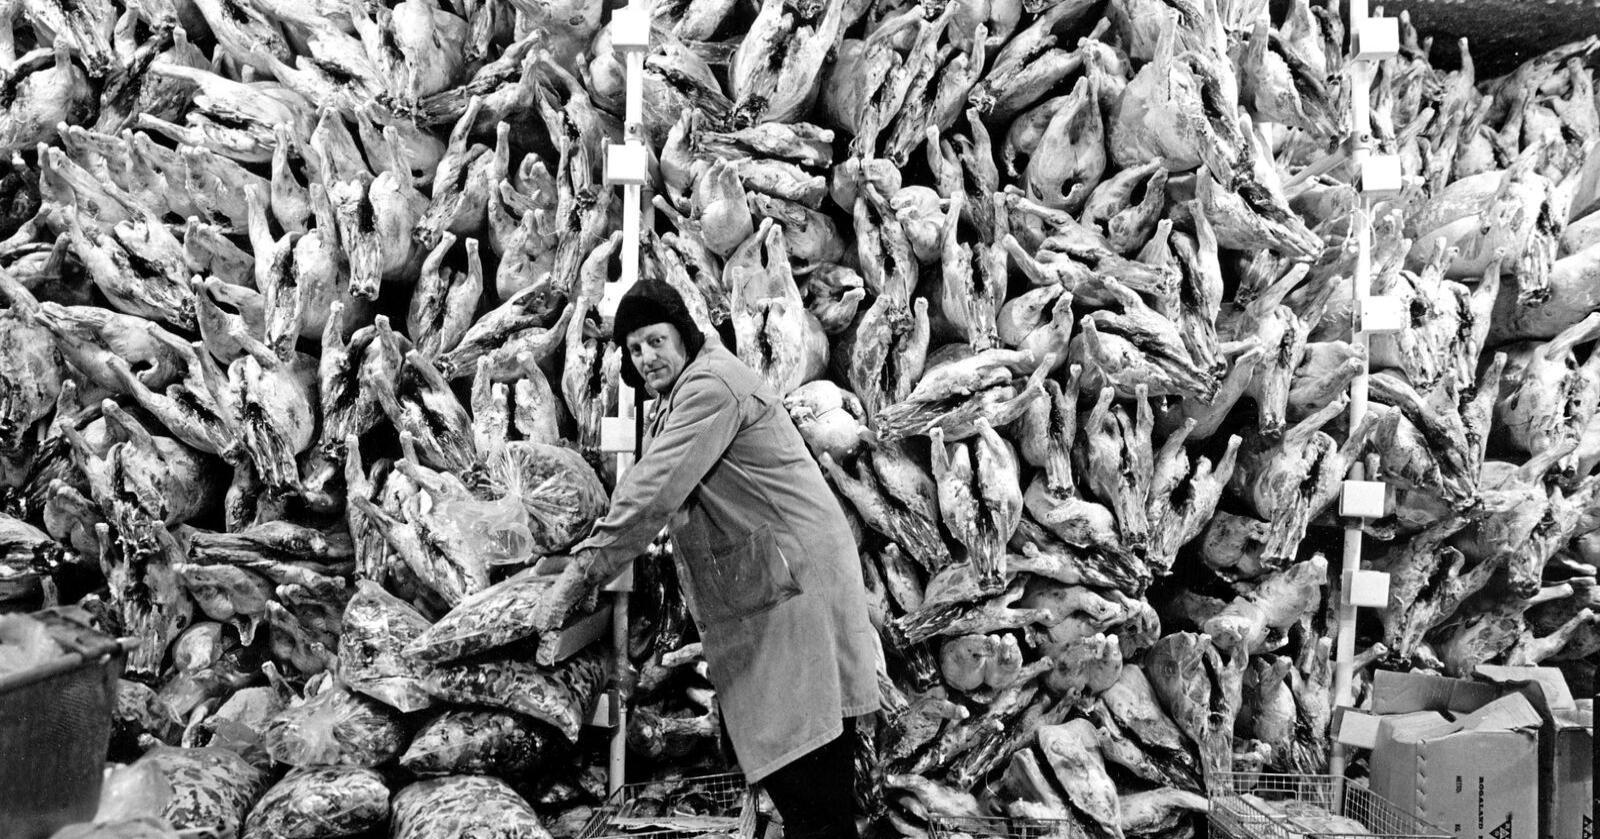 STOR ØKNING: Selv om nordmenn nå sjelden spiser kjøtt fra sau og verpehøne, har kjøttforbruket vårt gått kraftig opp de siste 50 årene. Her fra et slakteri i 1968.  Foto: NTB scanpix